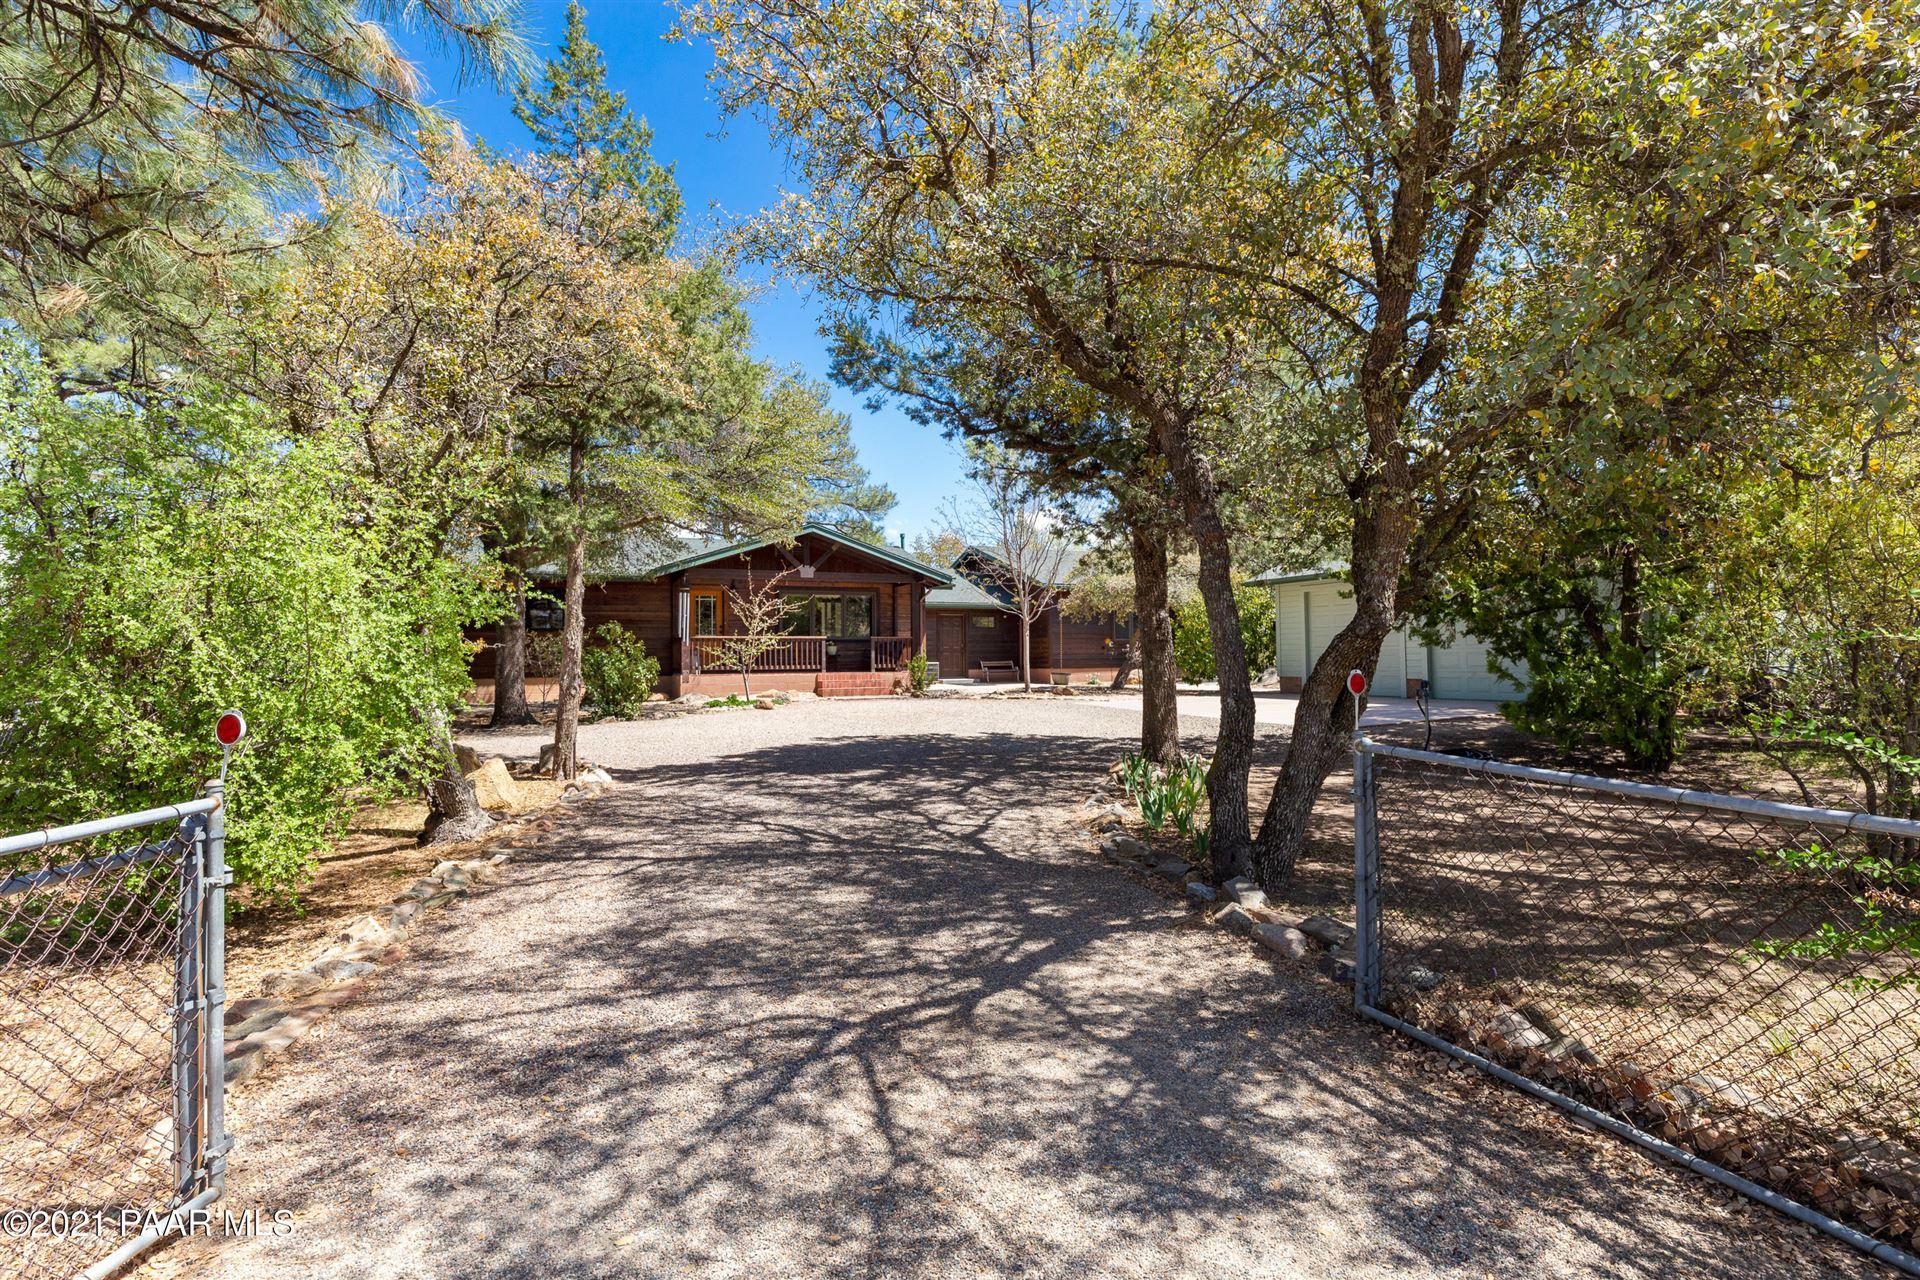 Photo of 615 Dougherty Street #Lot: 8, Prescott, AZ 86305 (MLS # 1037634)